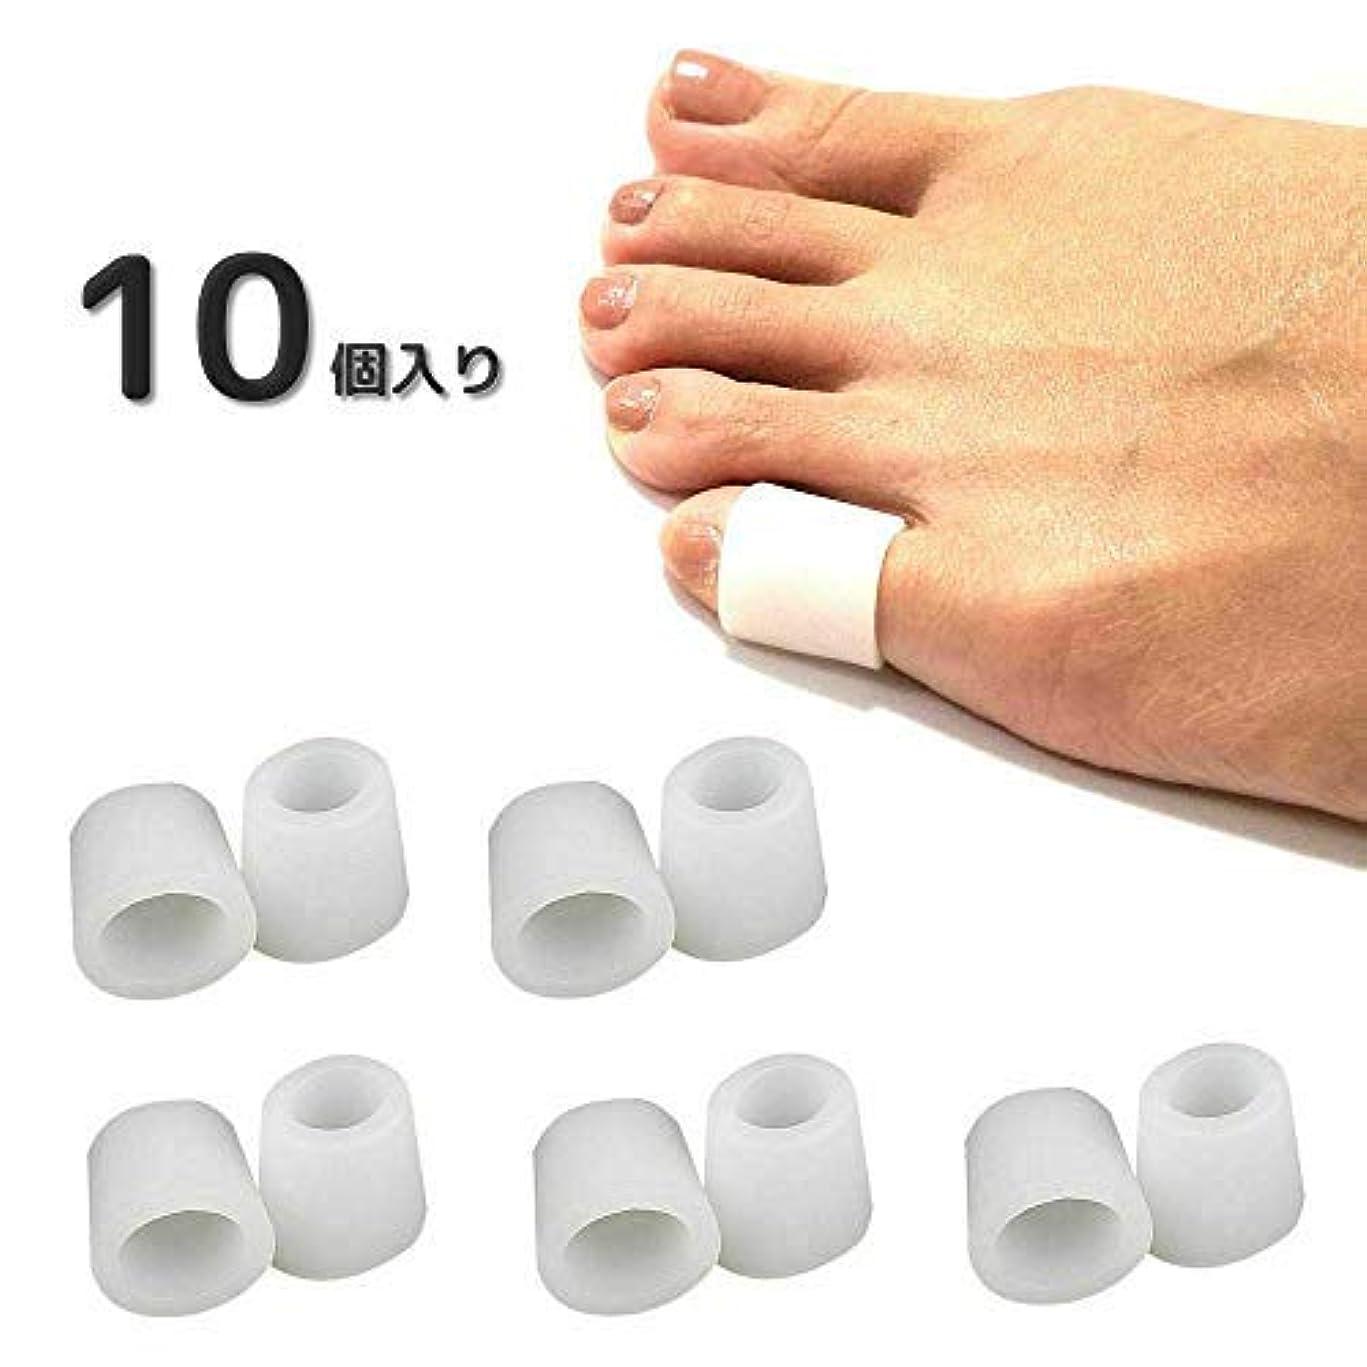 ほとんどない慈悲深いバッチ足指 足爪 保護キャップ 小指 5ペア ジェル 足指キャップ プロテクター スリーブ 水疱 陥入爪 爪損傷 摩擦疼痛などの緩和 男女兼用(10個入り) (Aタイプ)